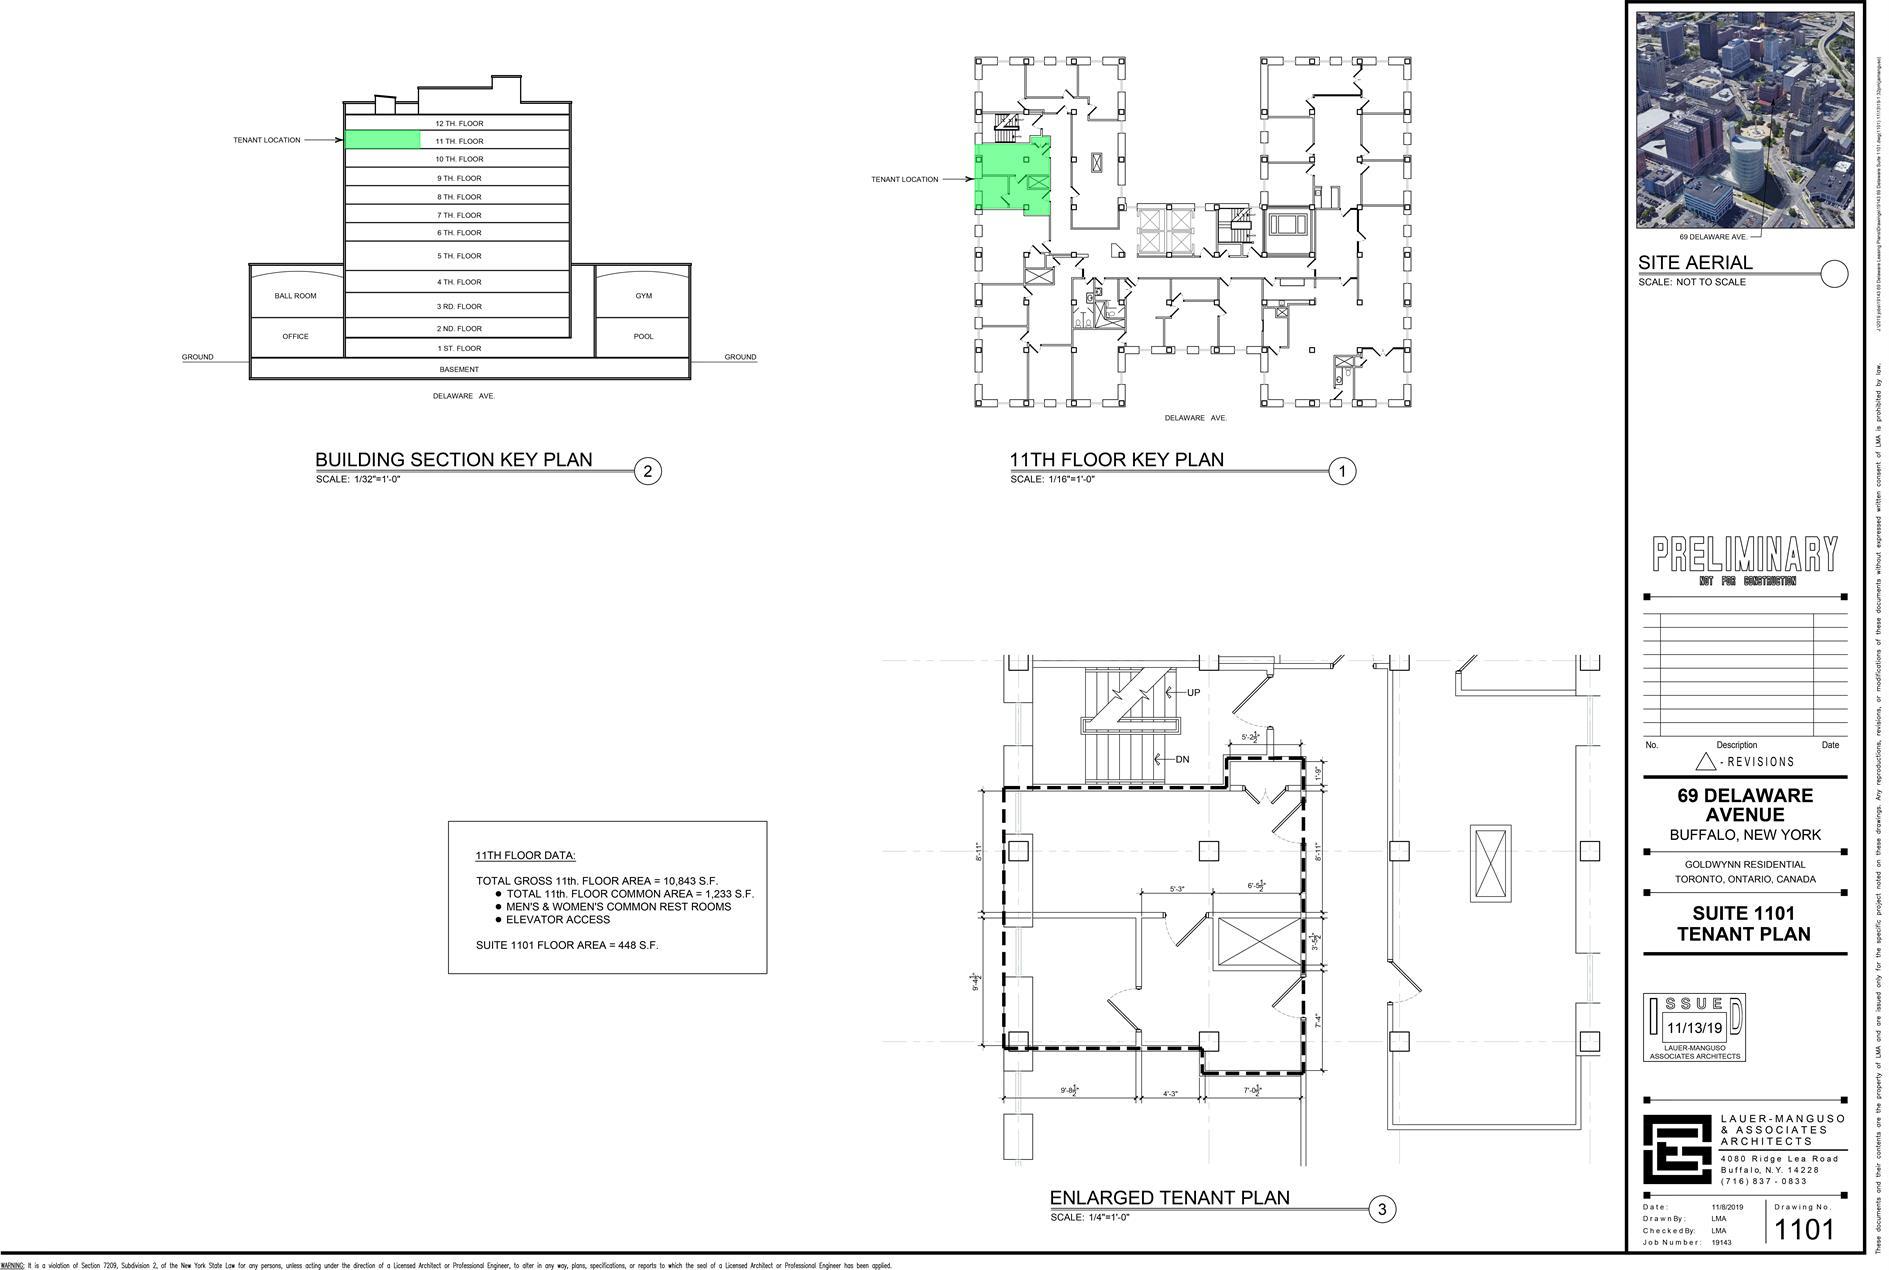 1187 Floor Plan